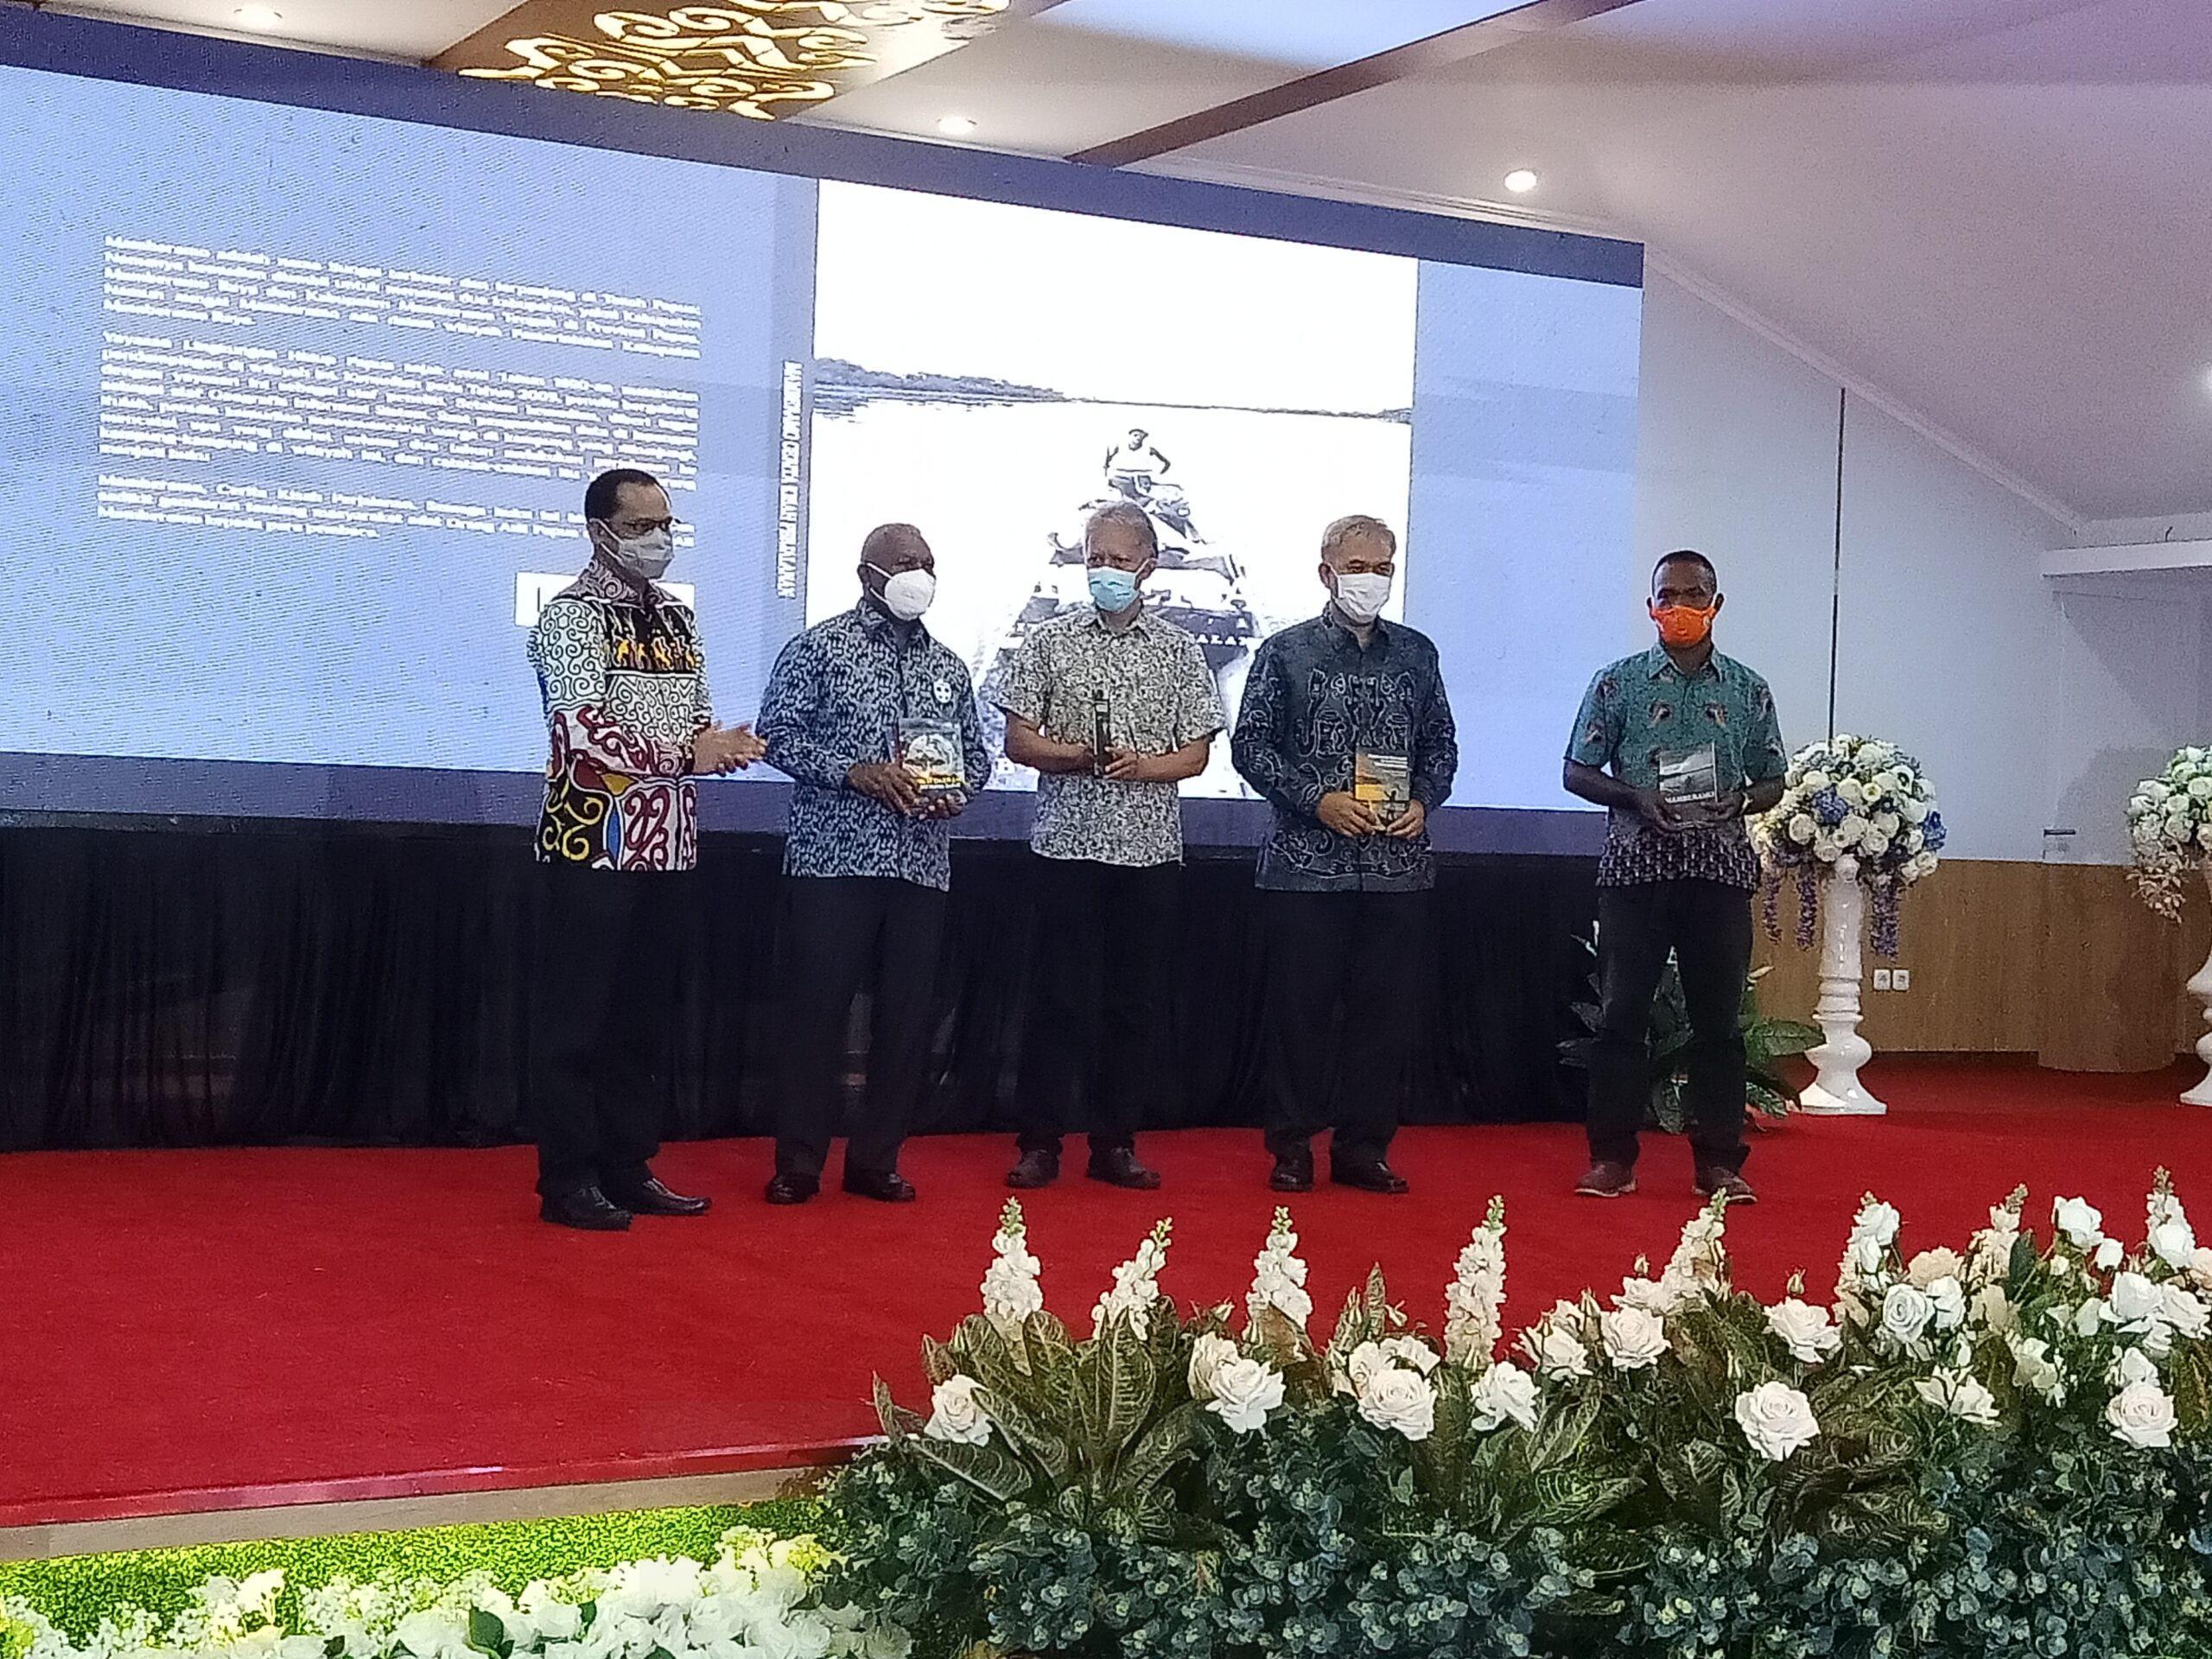 Gubernur Apresiasi 4 Tahun Balitbangda Papua Barat Hasilkan Produk Inovatif 2 IMG20210223192758 scaled